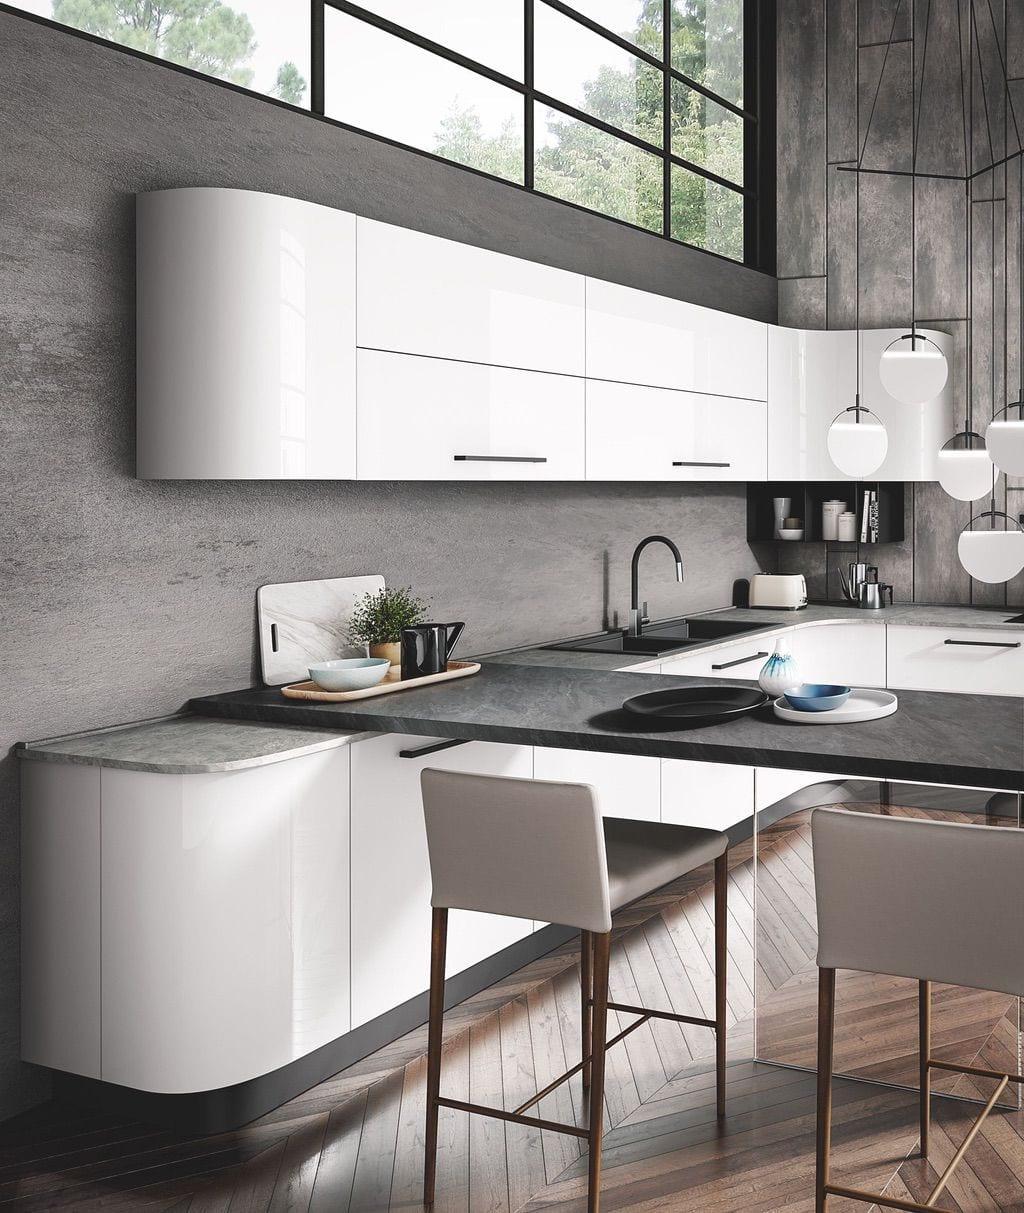 Composizioni Poetiche Cucine Mobilturi Produzione Cucine Funzionali Con Materiali Di Alta Qualita